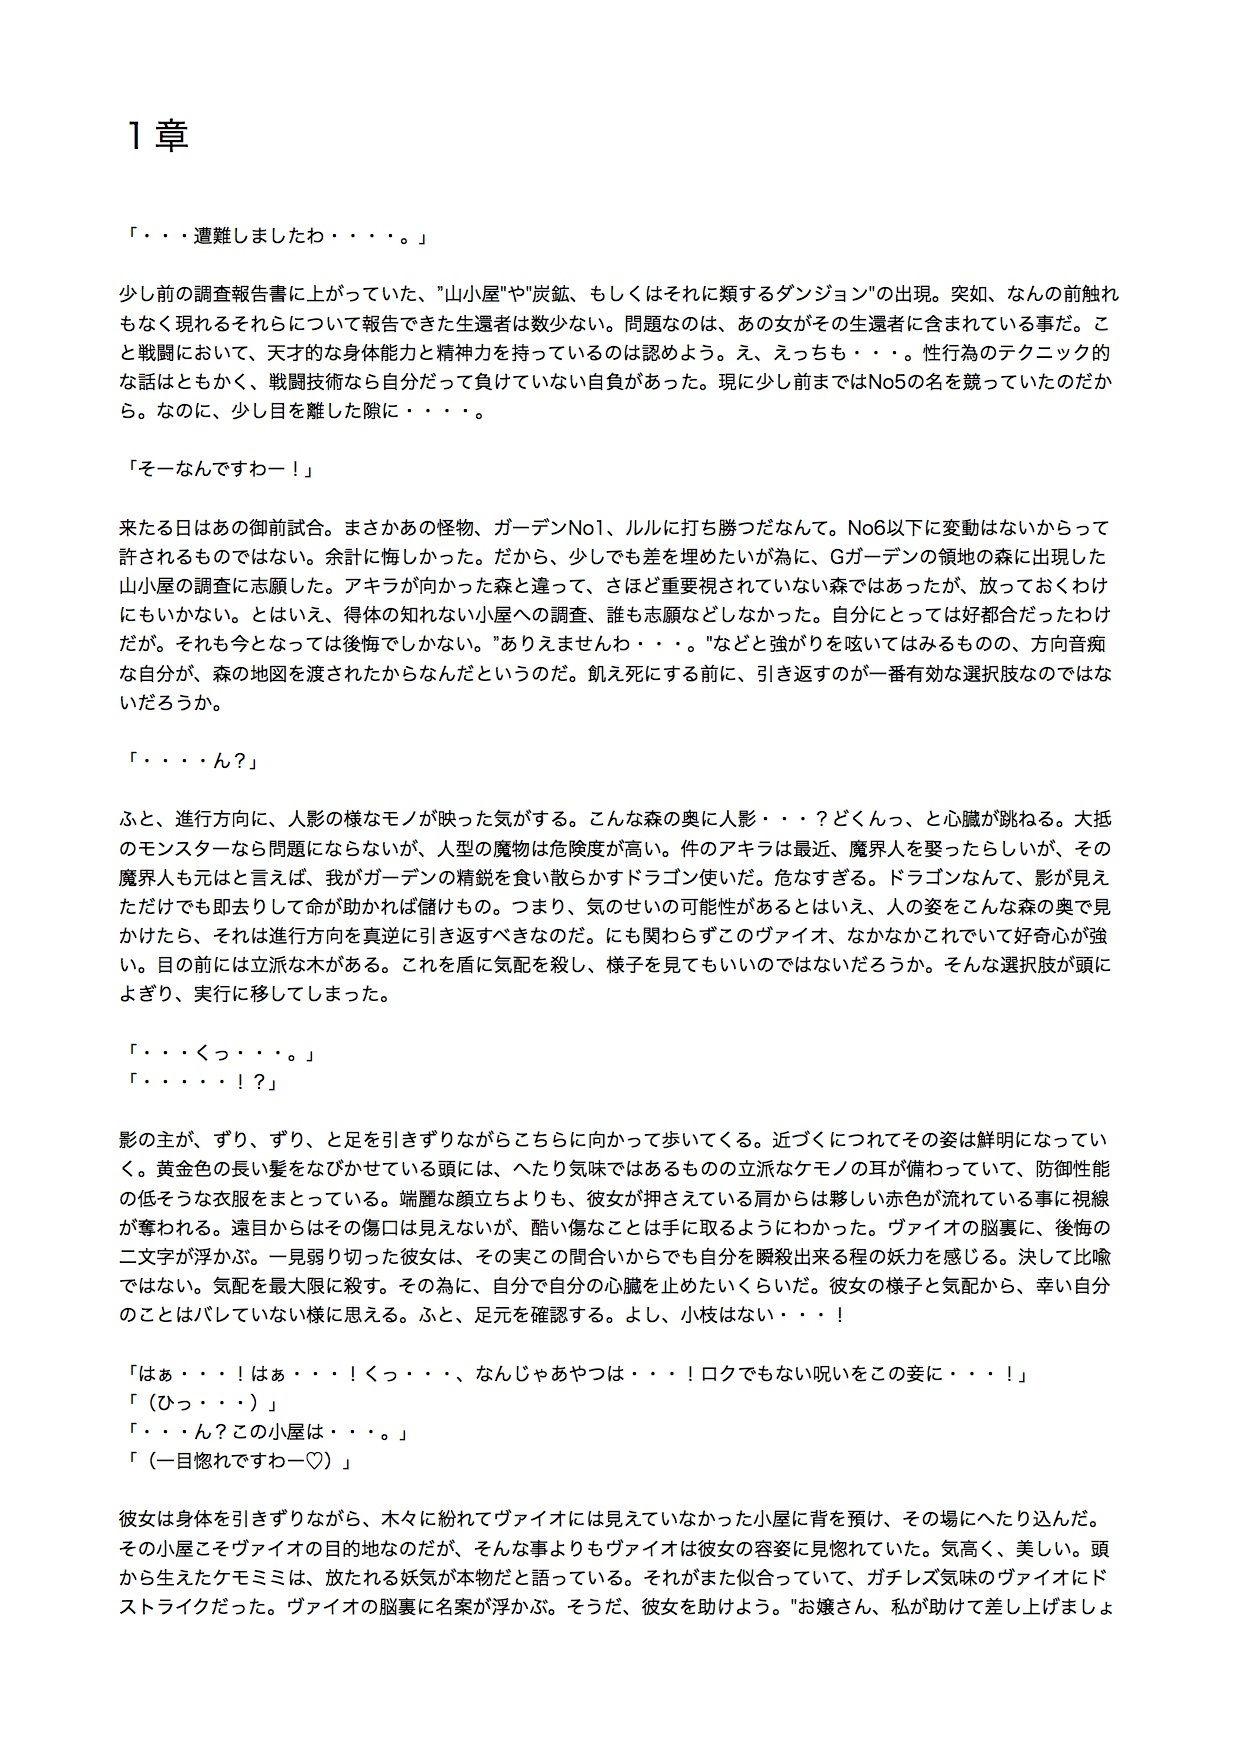 【yatsureCreate 同人】【ノベル】迷った森にいたケモミミ娘が死にかけで偉そうだ。